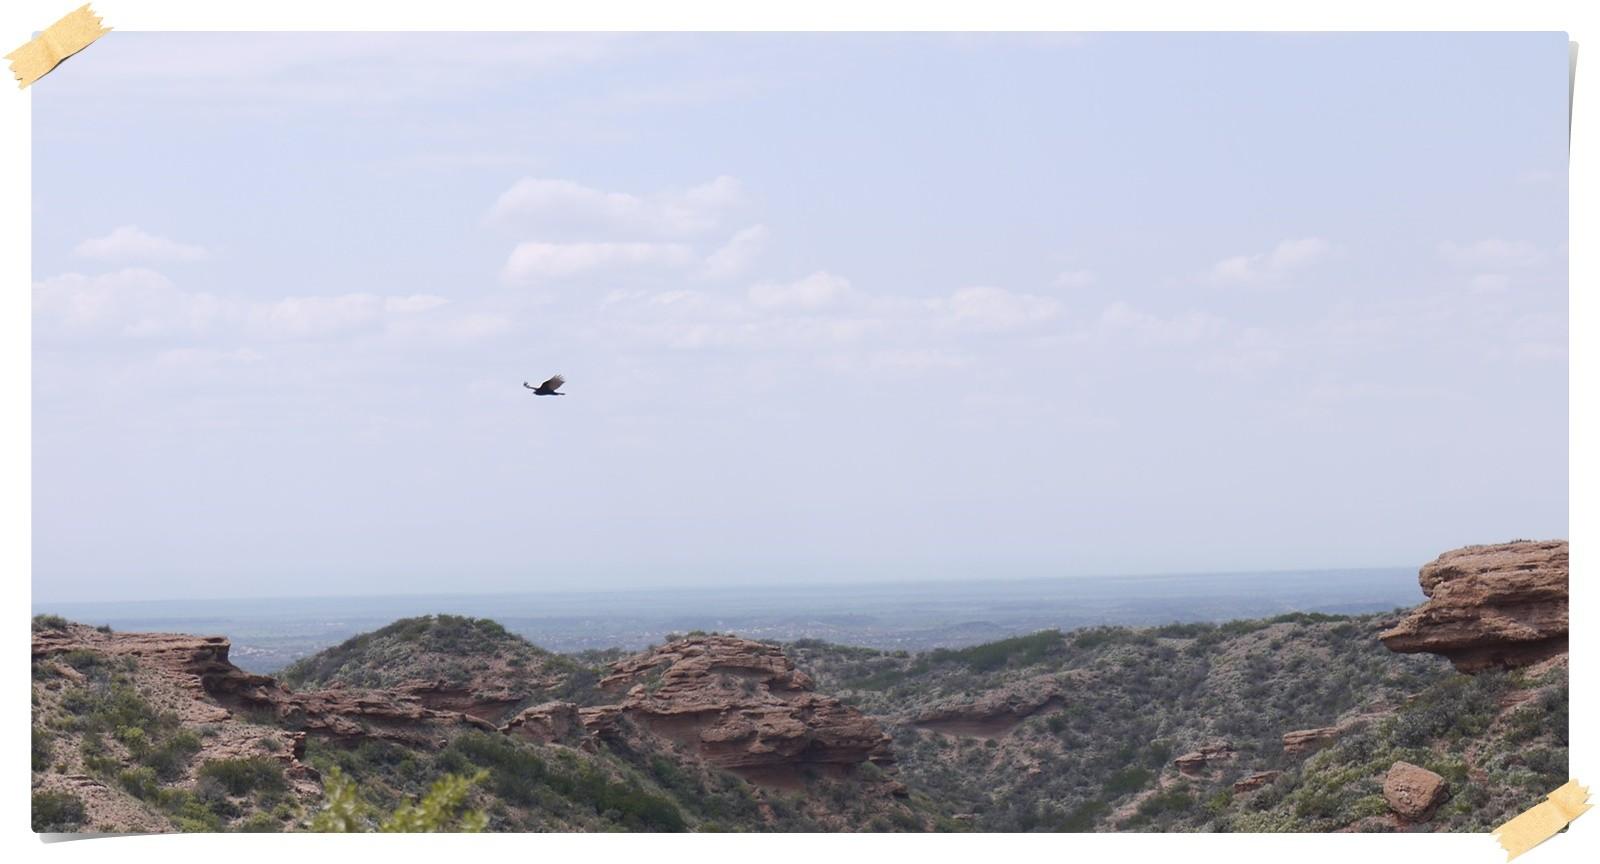 und wieder ein Condor